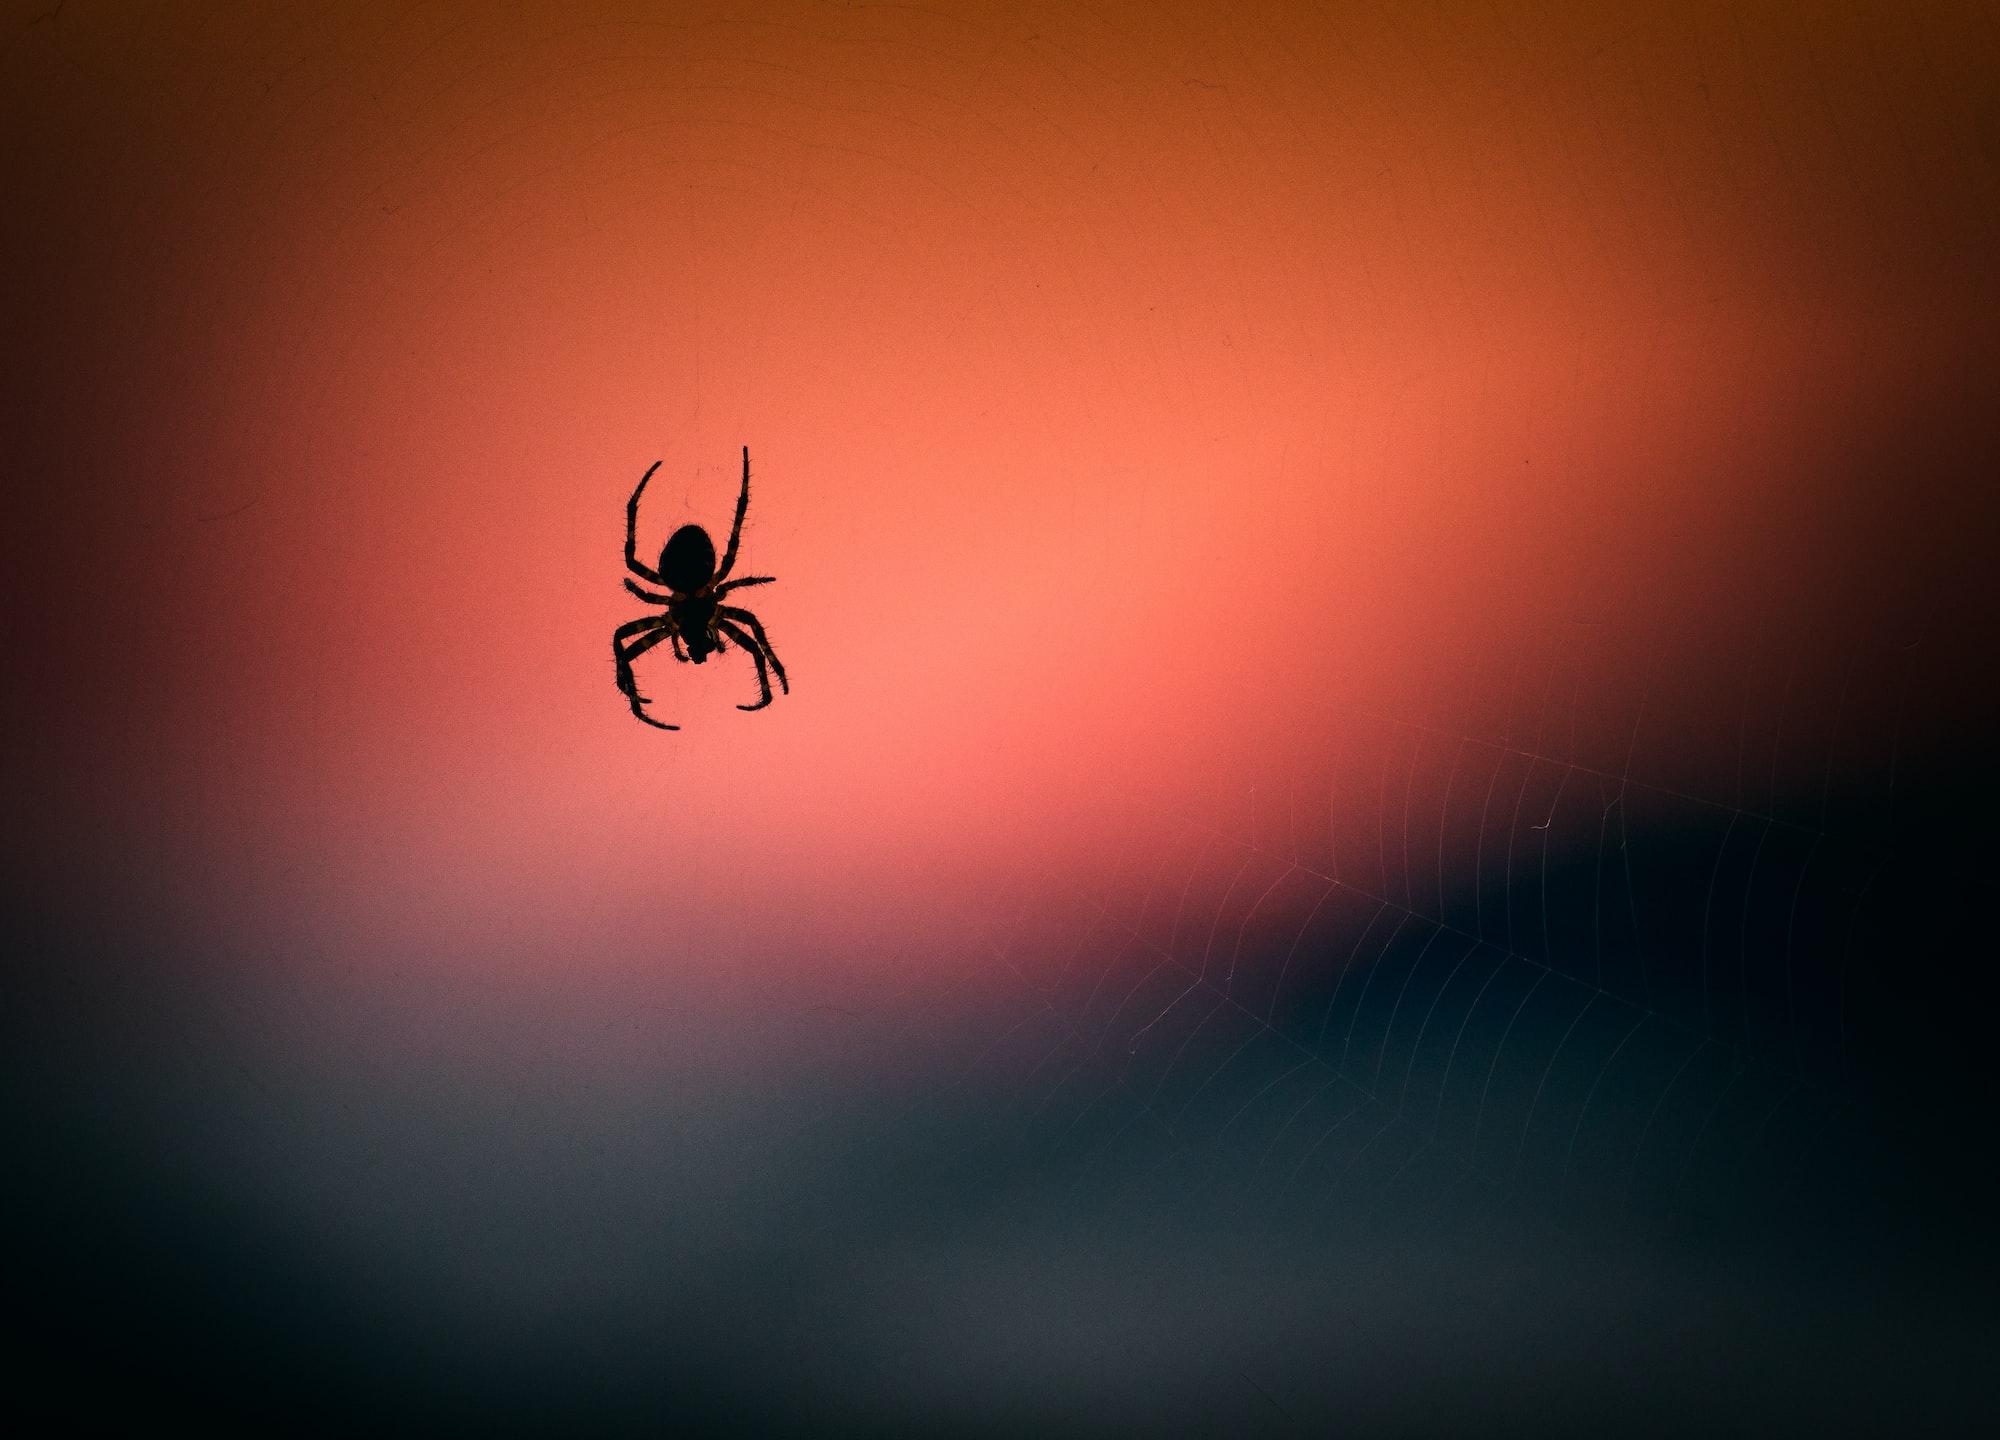 Zehirli Bir Örümcek Türü Bulmaca Anlamı Nedir?